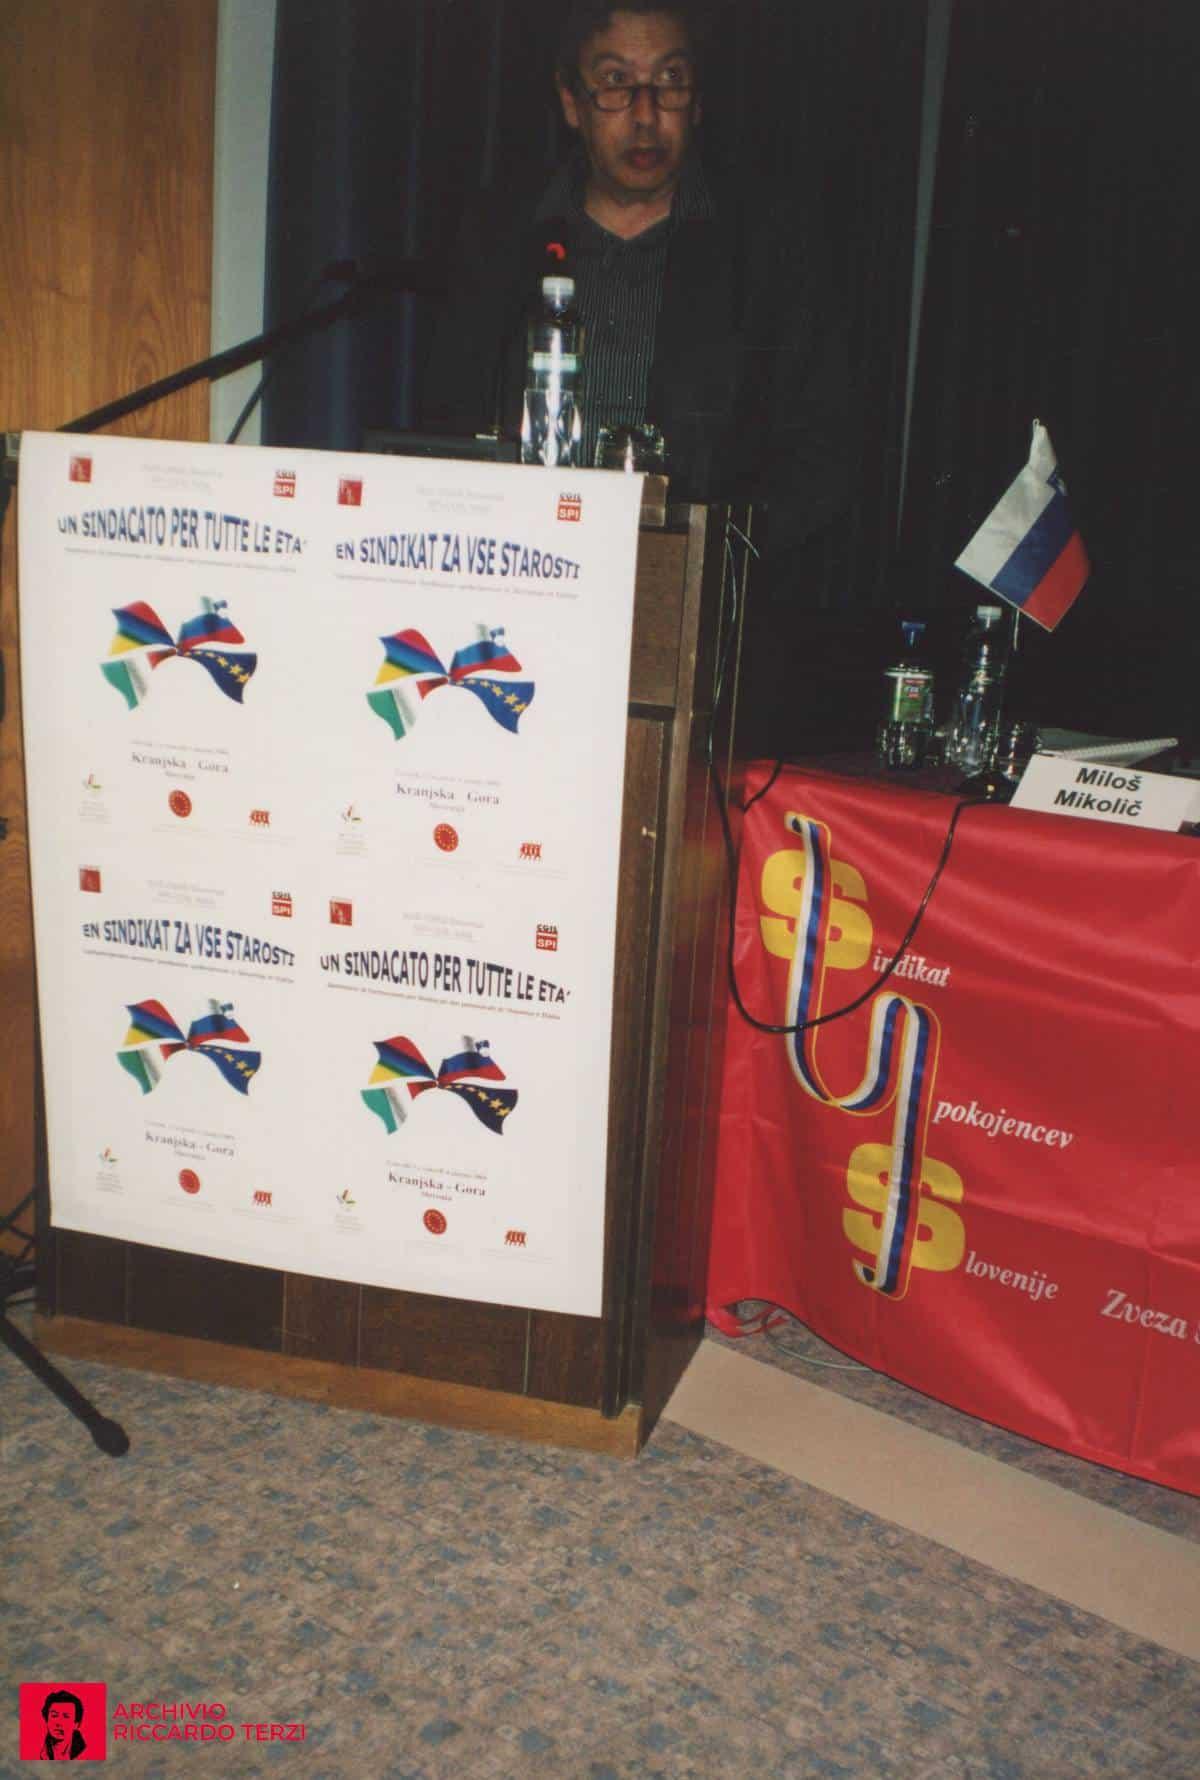 Un sindacato per tutte le età (Seminario Slovenia, 3-4 giugno 2004)